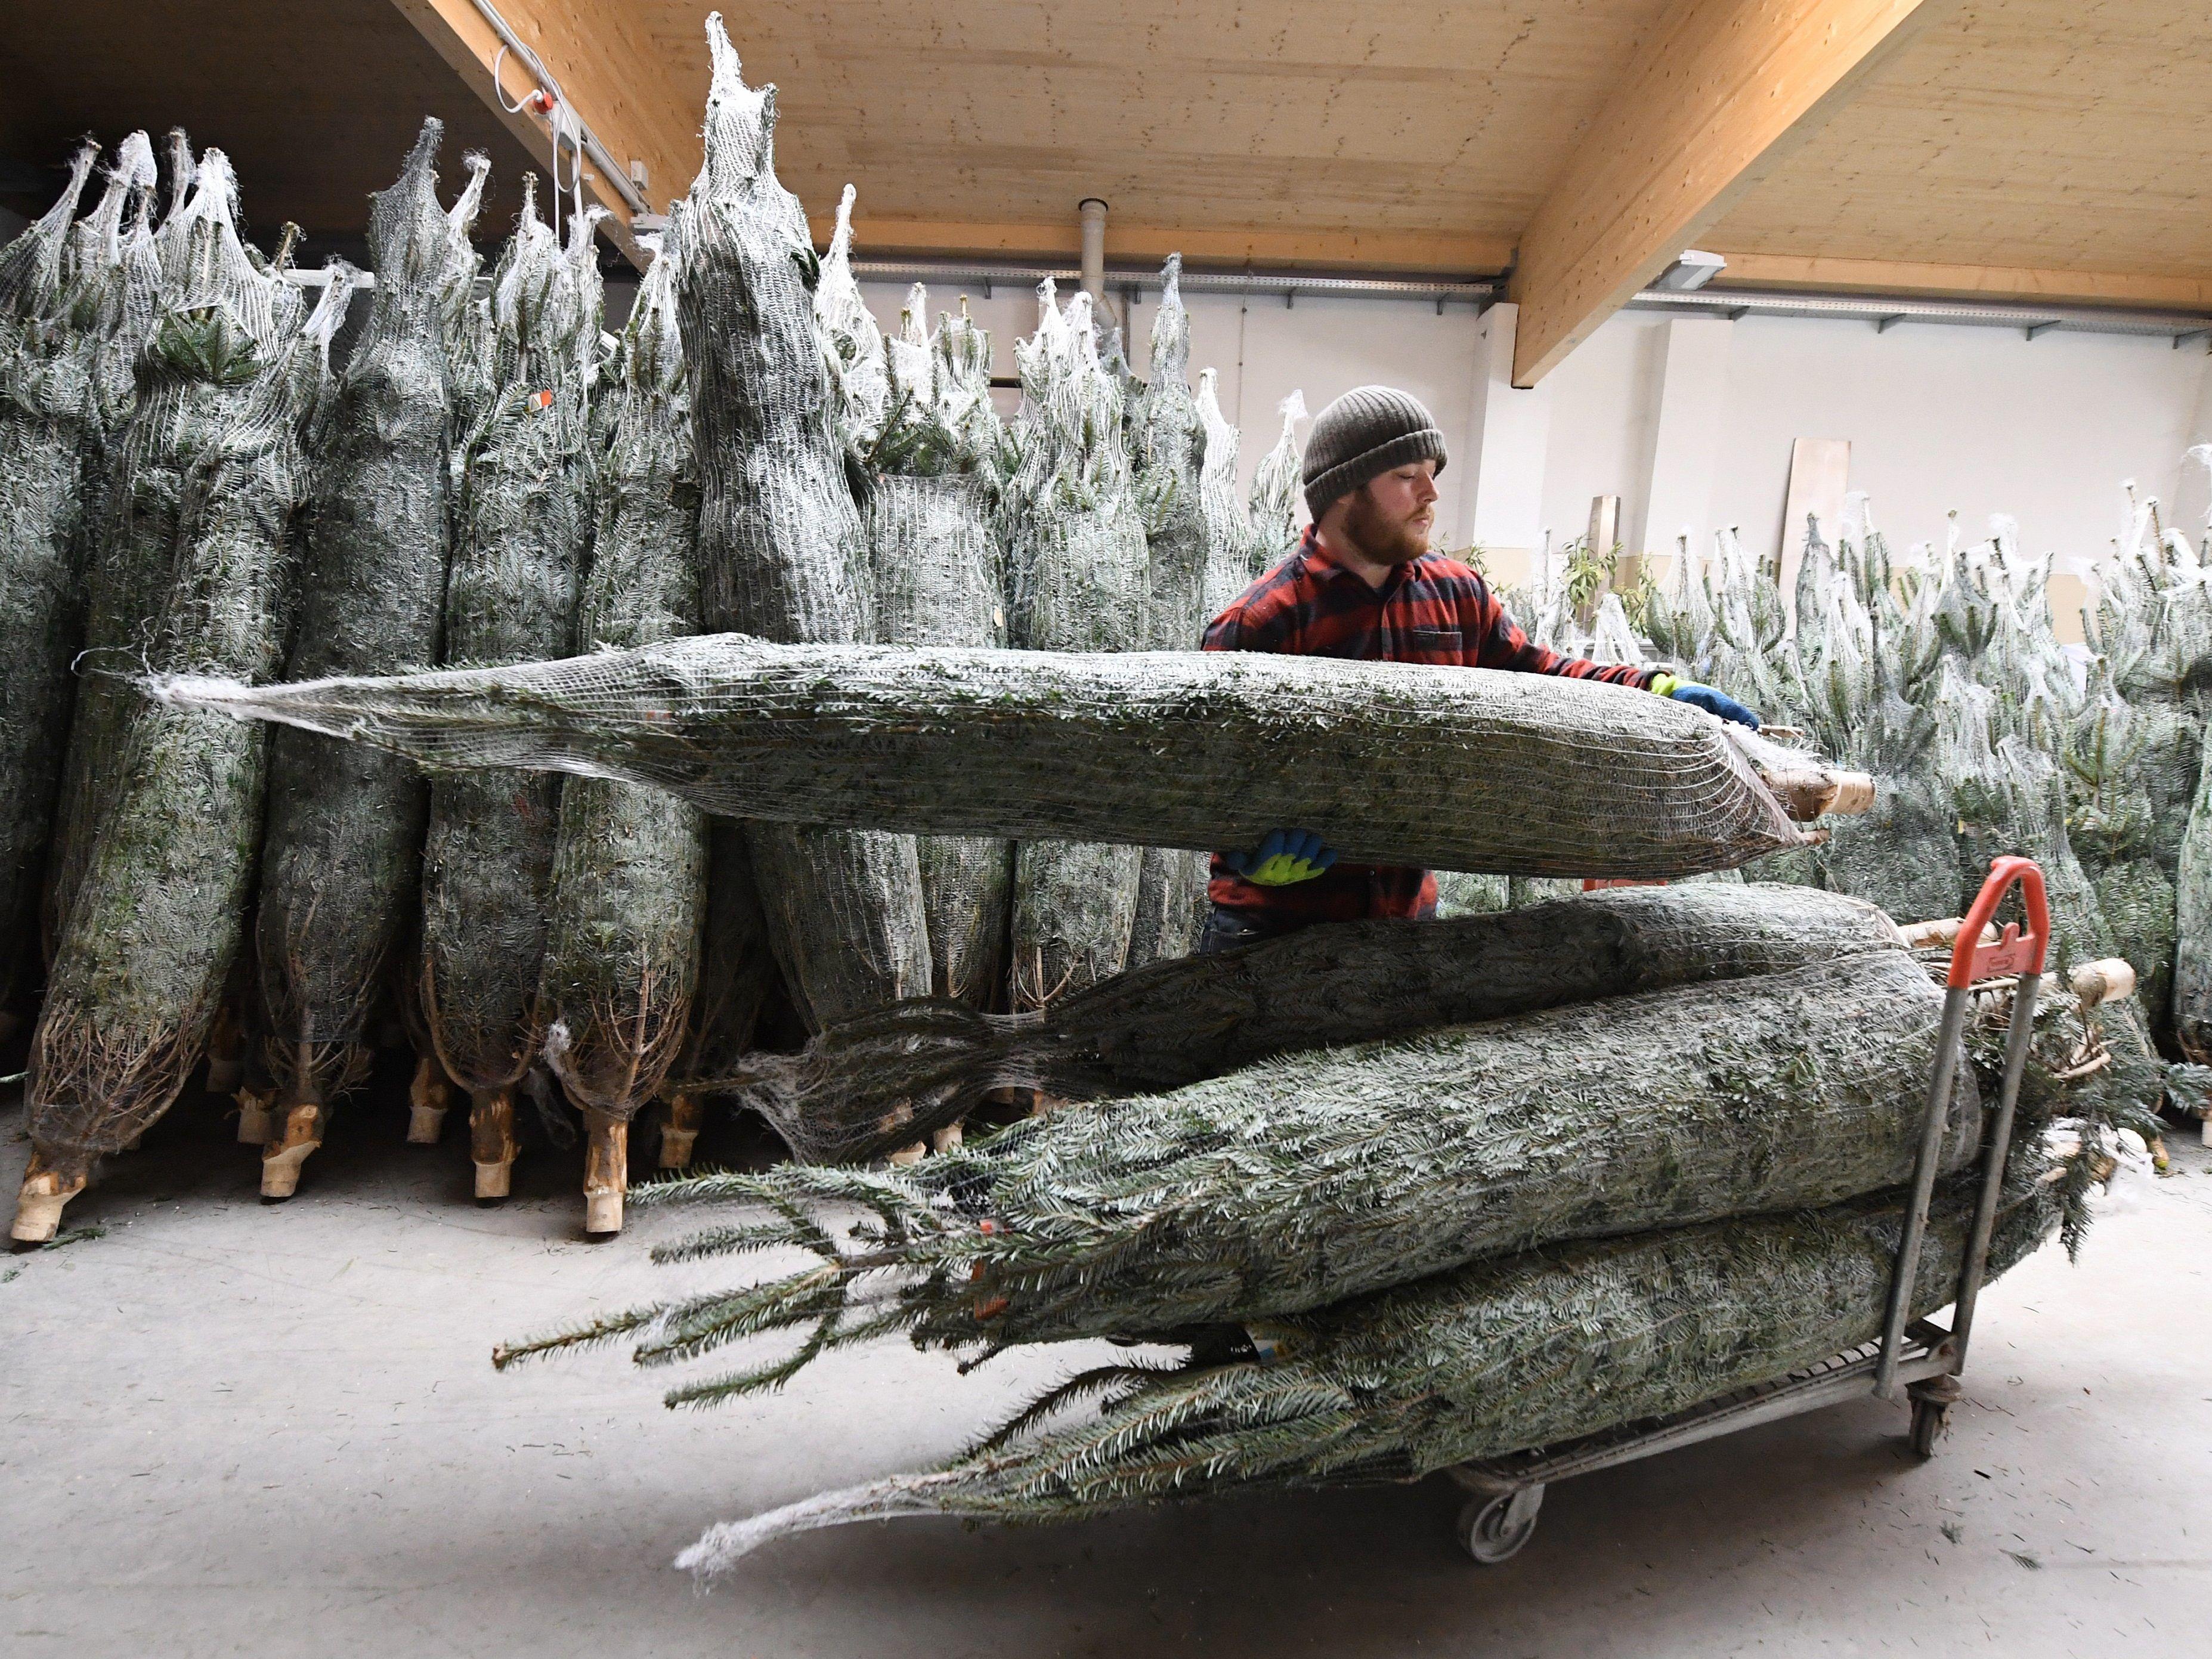 Wien Weihnachtsbaum Kaufen.Wiener Christbaum Verkauf Startet Am 12 Dezember Weihnachten In